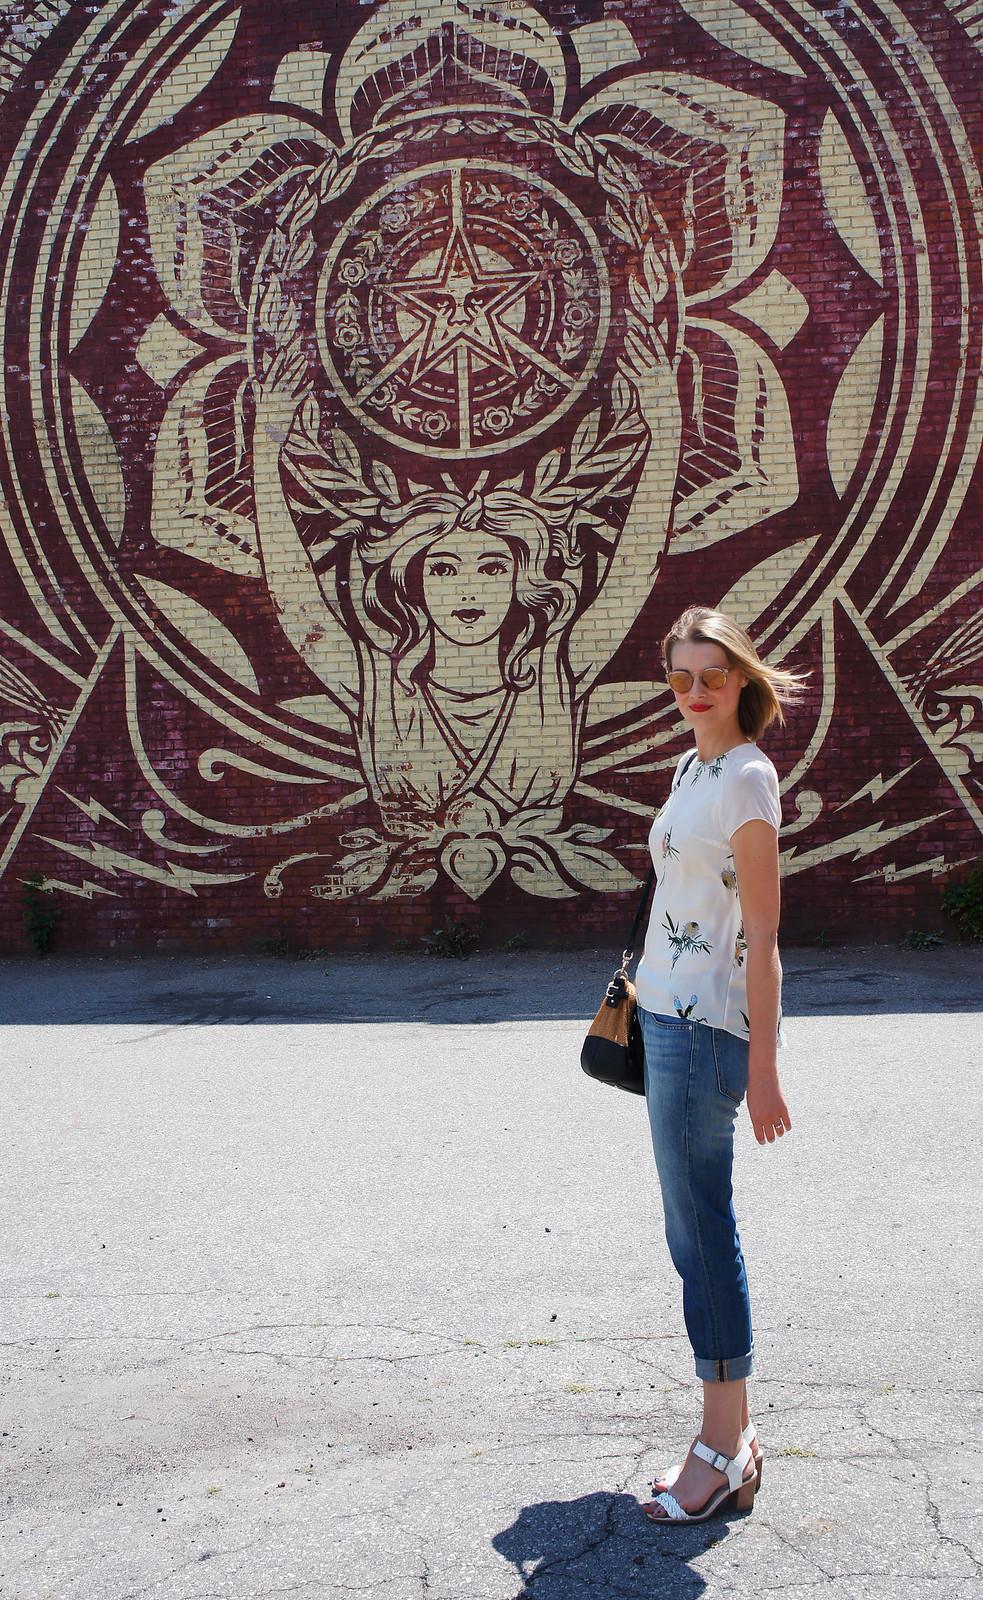 mural dumbo